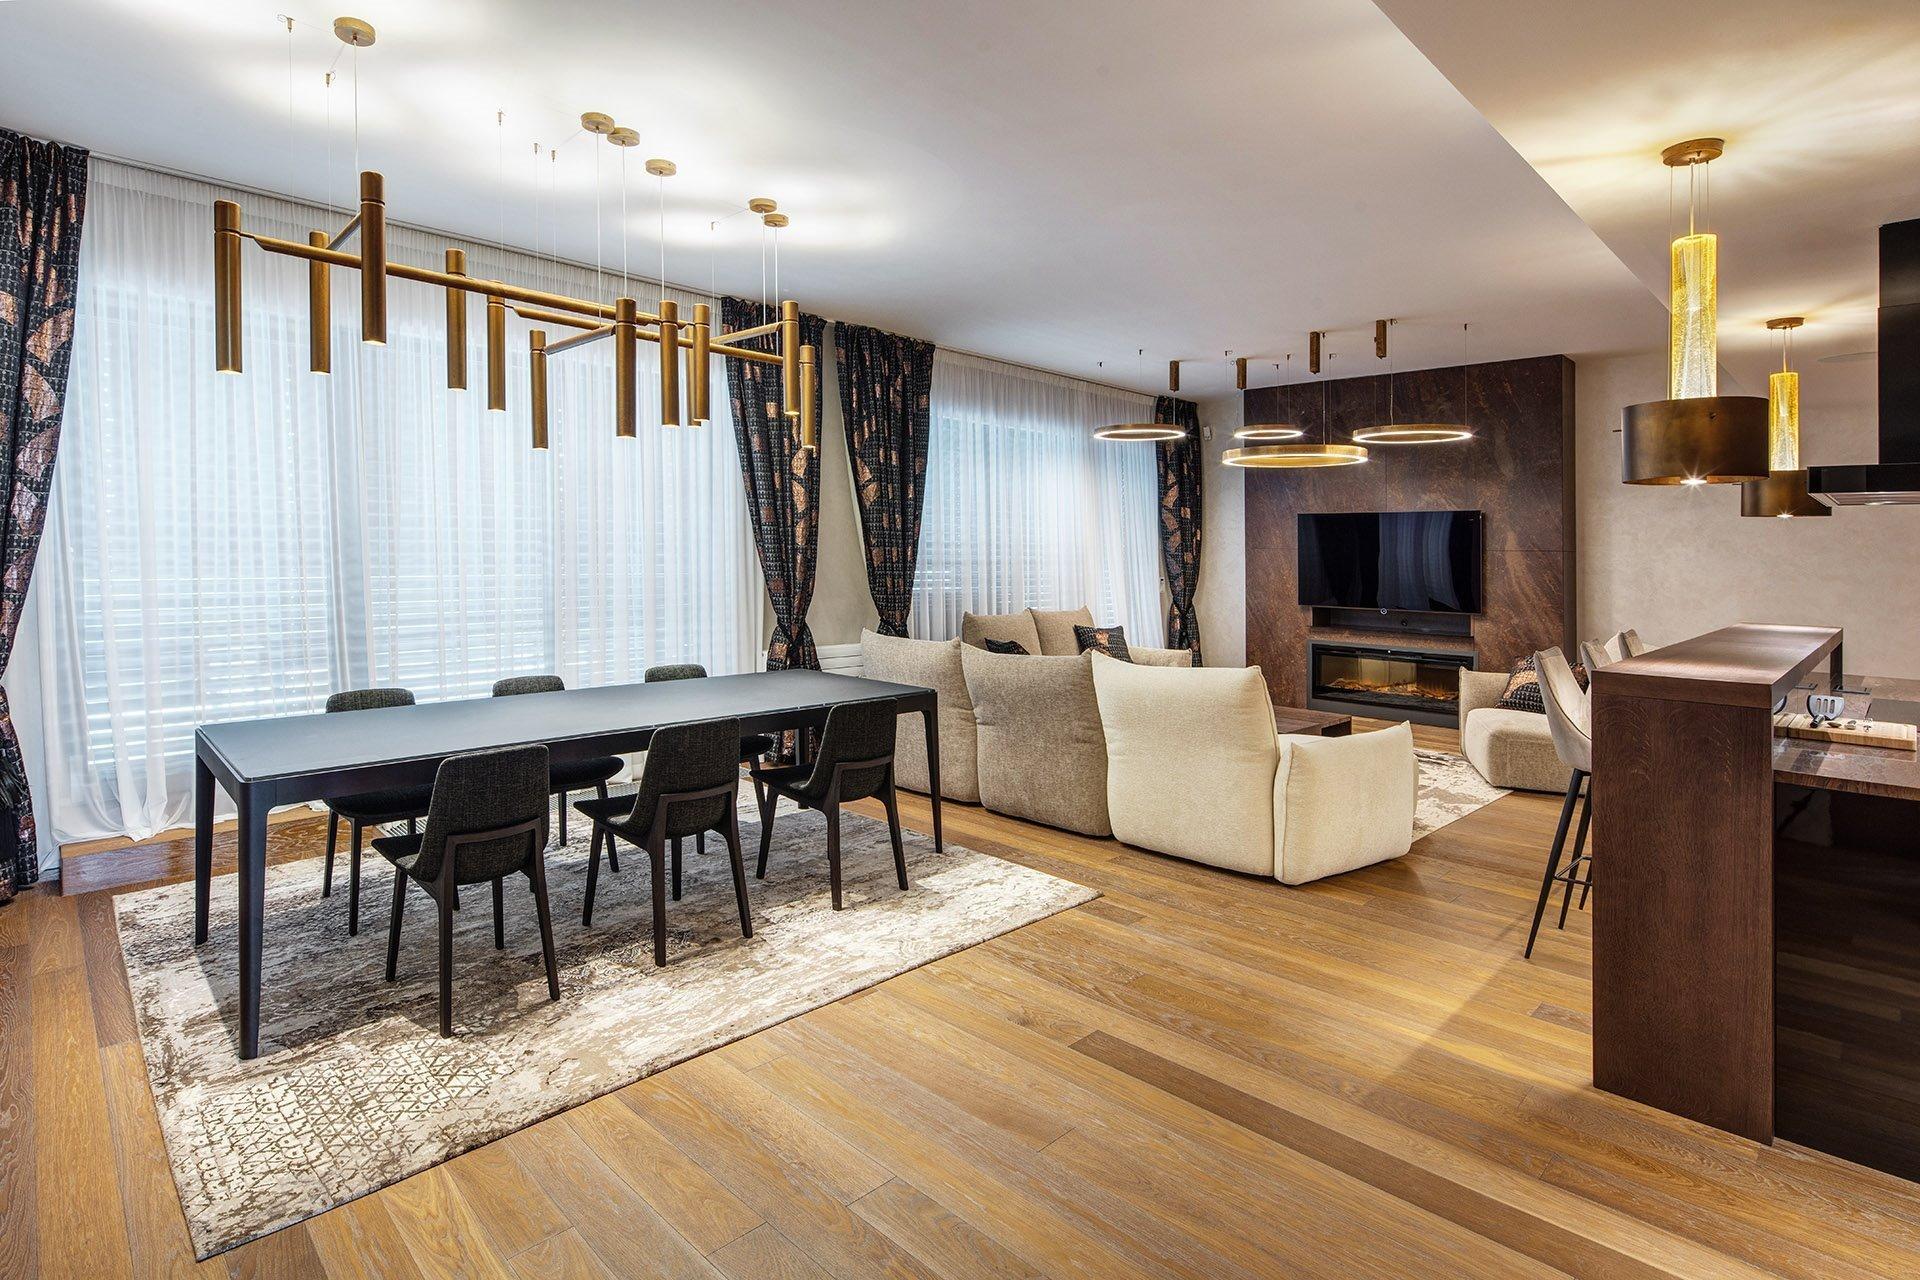 Přáním klientů bylo vytvoření komfortního, netradičního interiéru sdostatkem soukromí pro členy rodiny, zároveň svýraznou obytnou částí  Interiér…